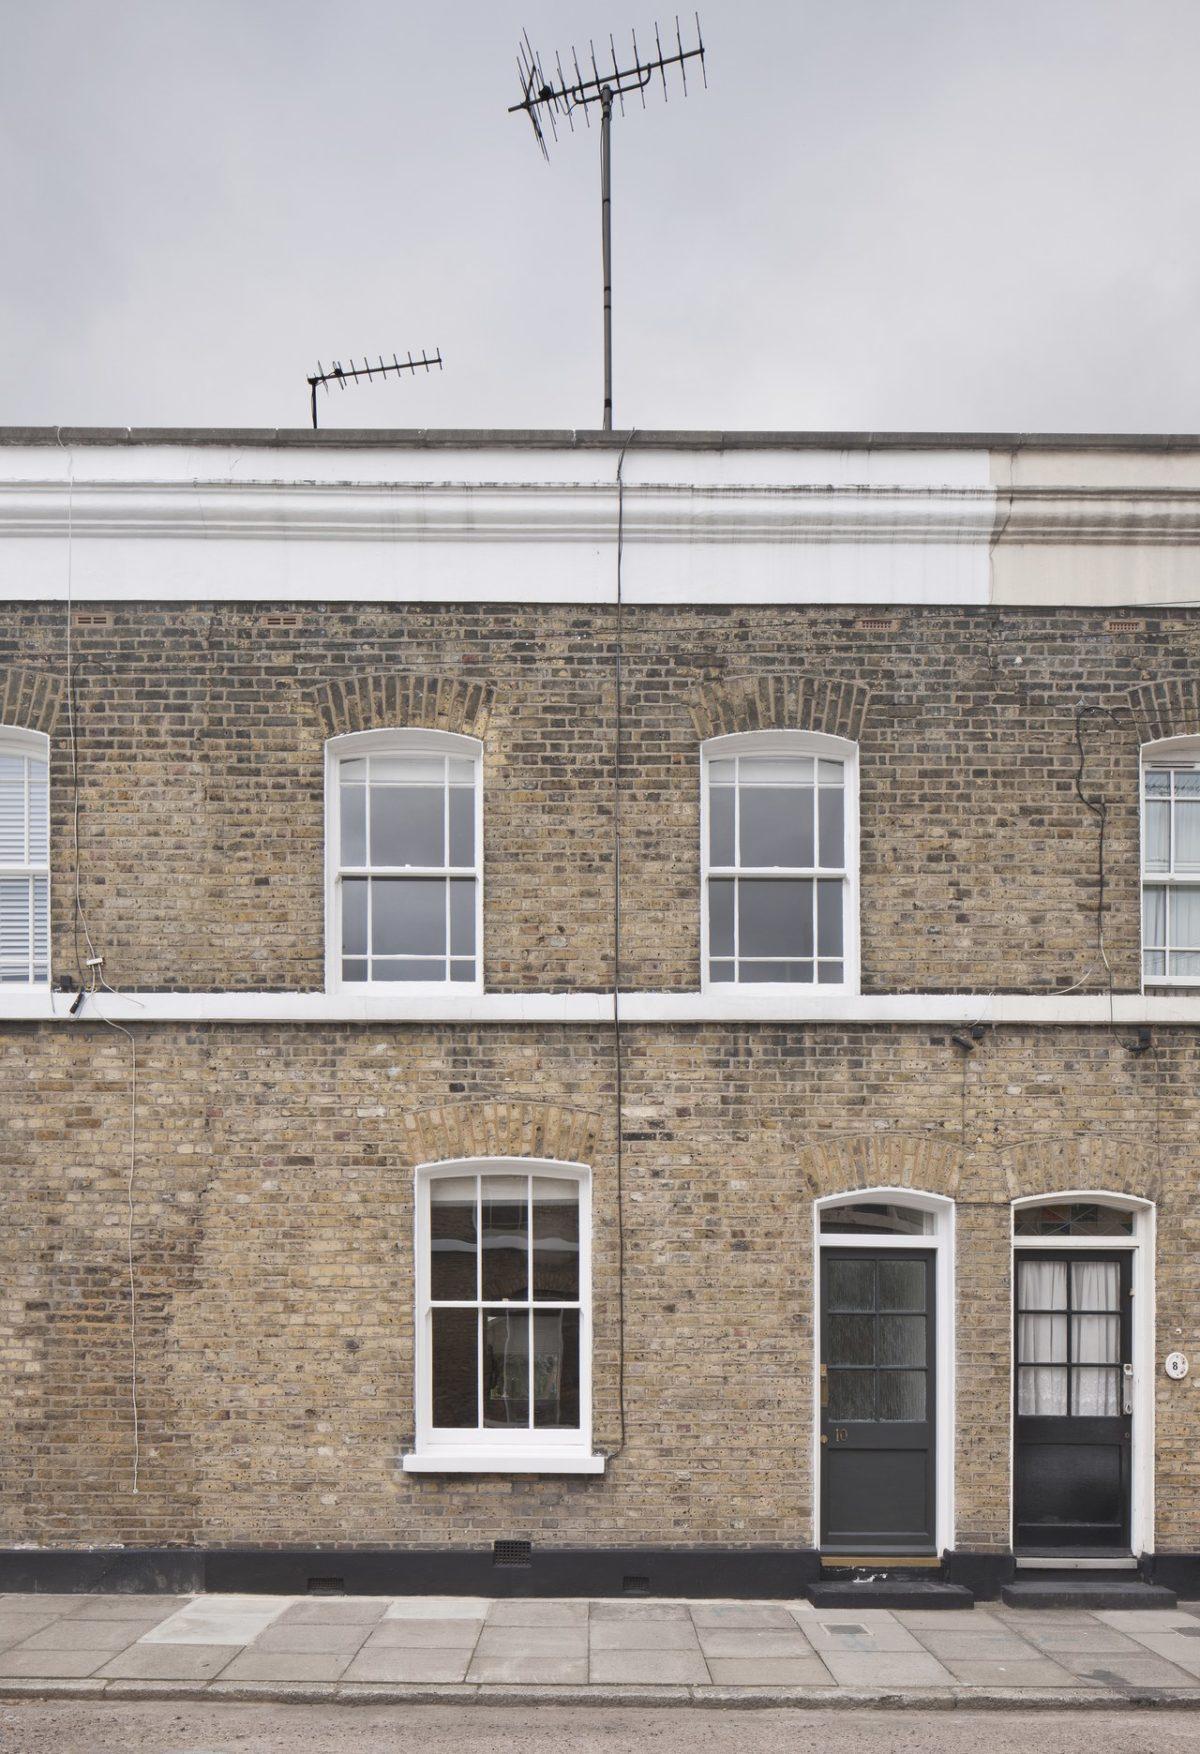 Façade briques maison londonienne rénovation tendance - blog déco - clemaroundthecorner